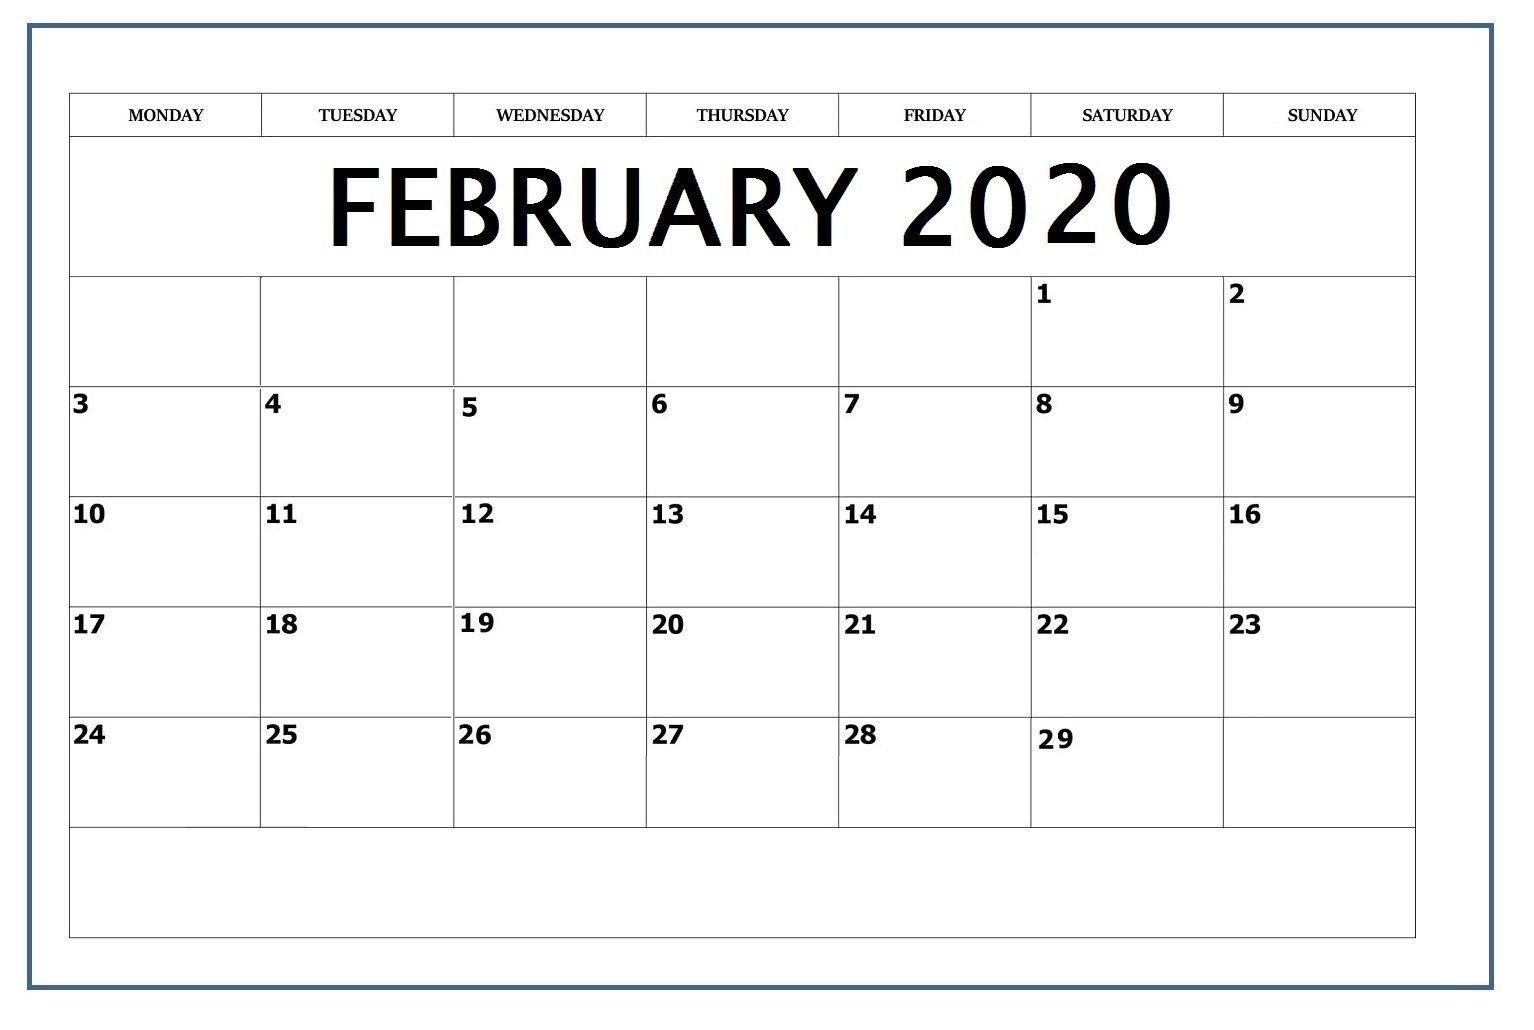 Free Online Calander I Can Edit   Get Your Calendar Printable Free Printable Calendar That I Can Edit